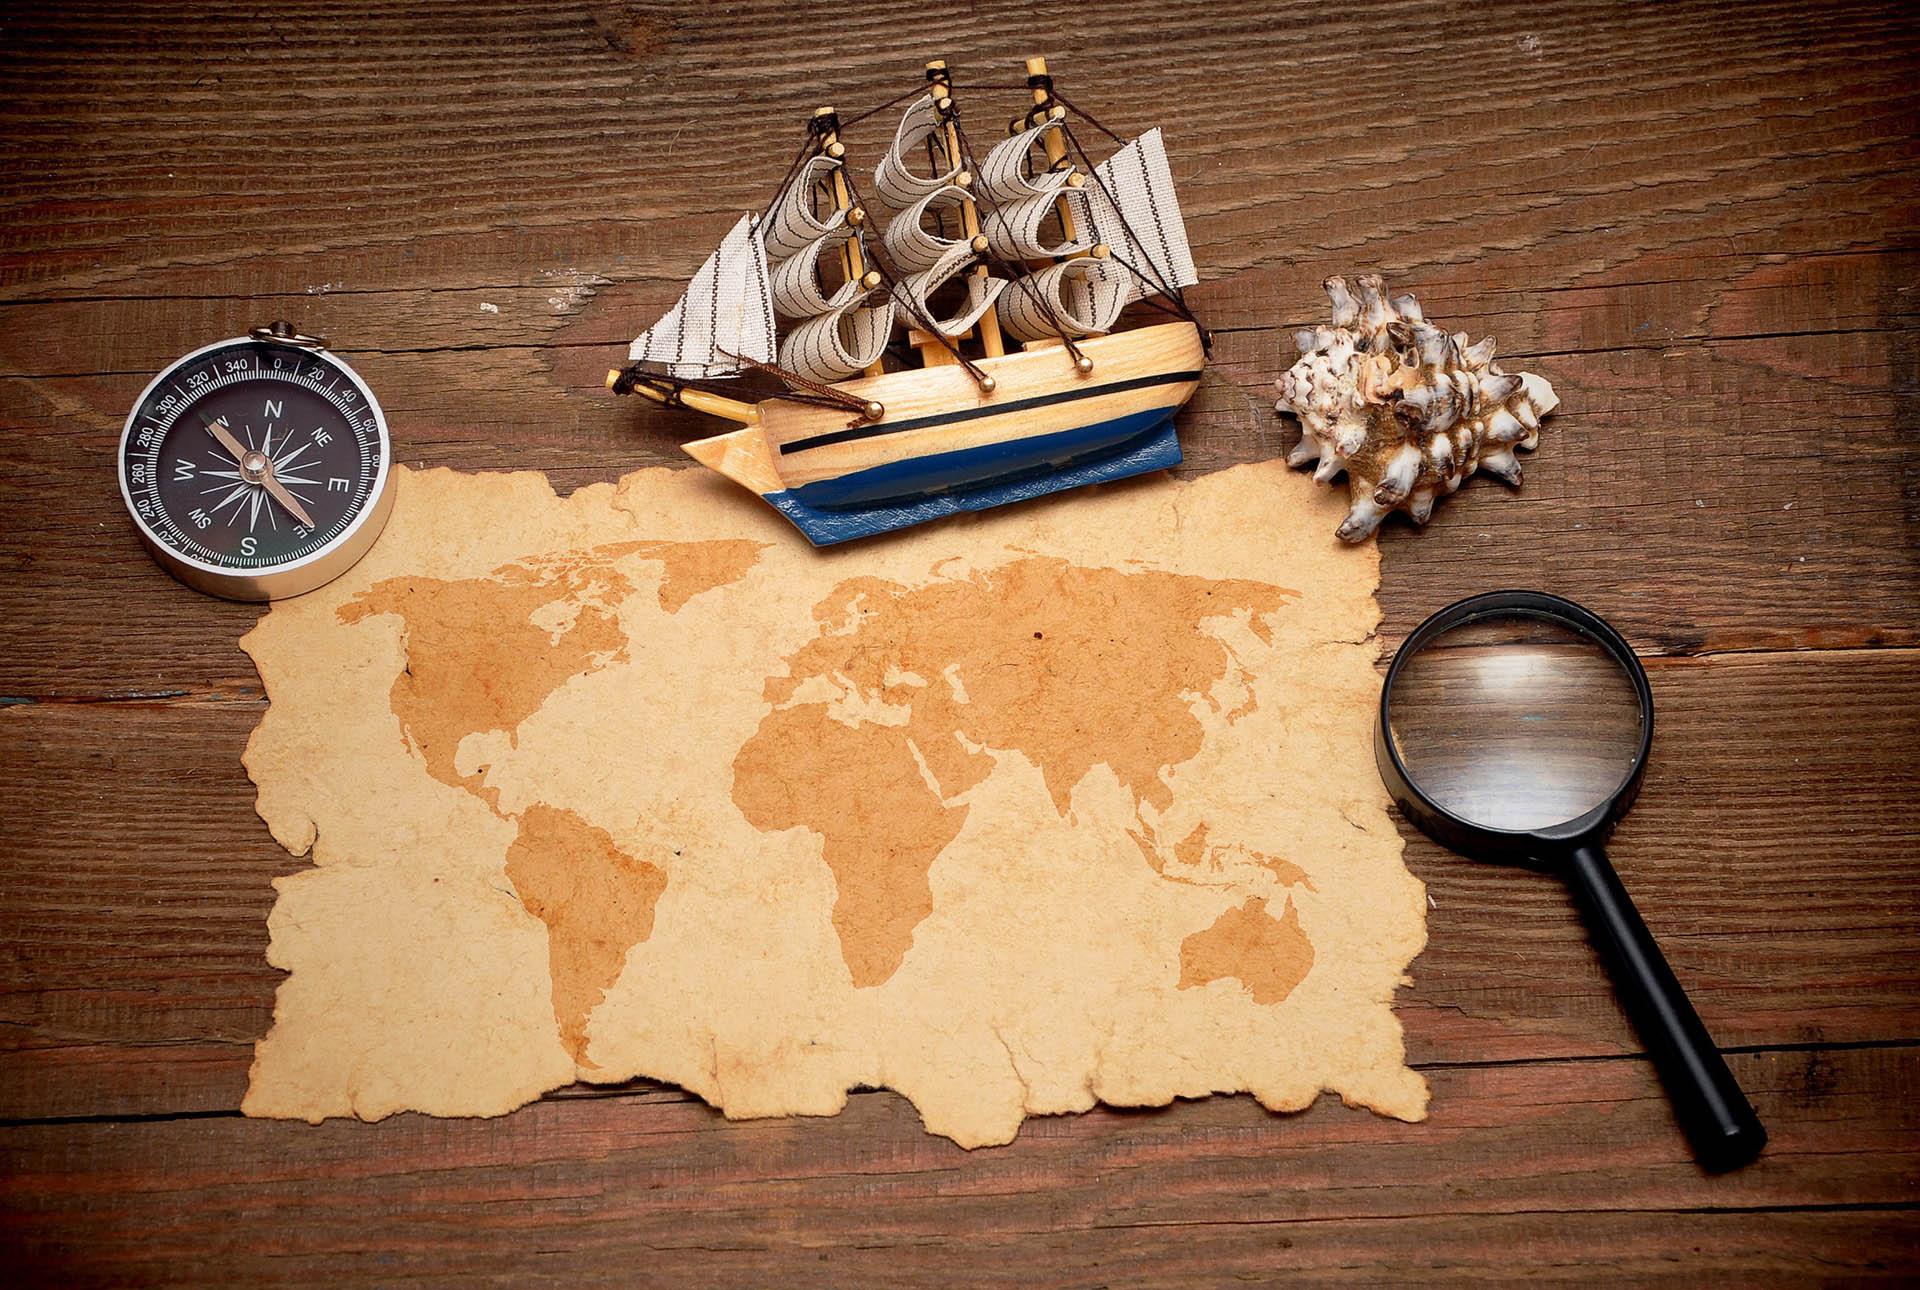 روش انطباق نسخه با مکان و محل نقشه گنج و دفینه,کروکی نسخه وزیری و شاهی (نقشه گنج منطقه)